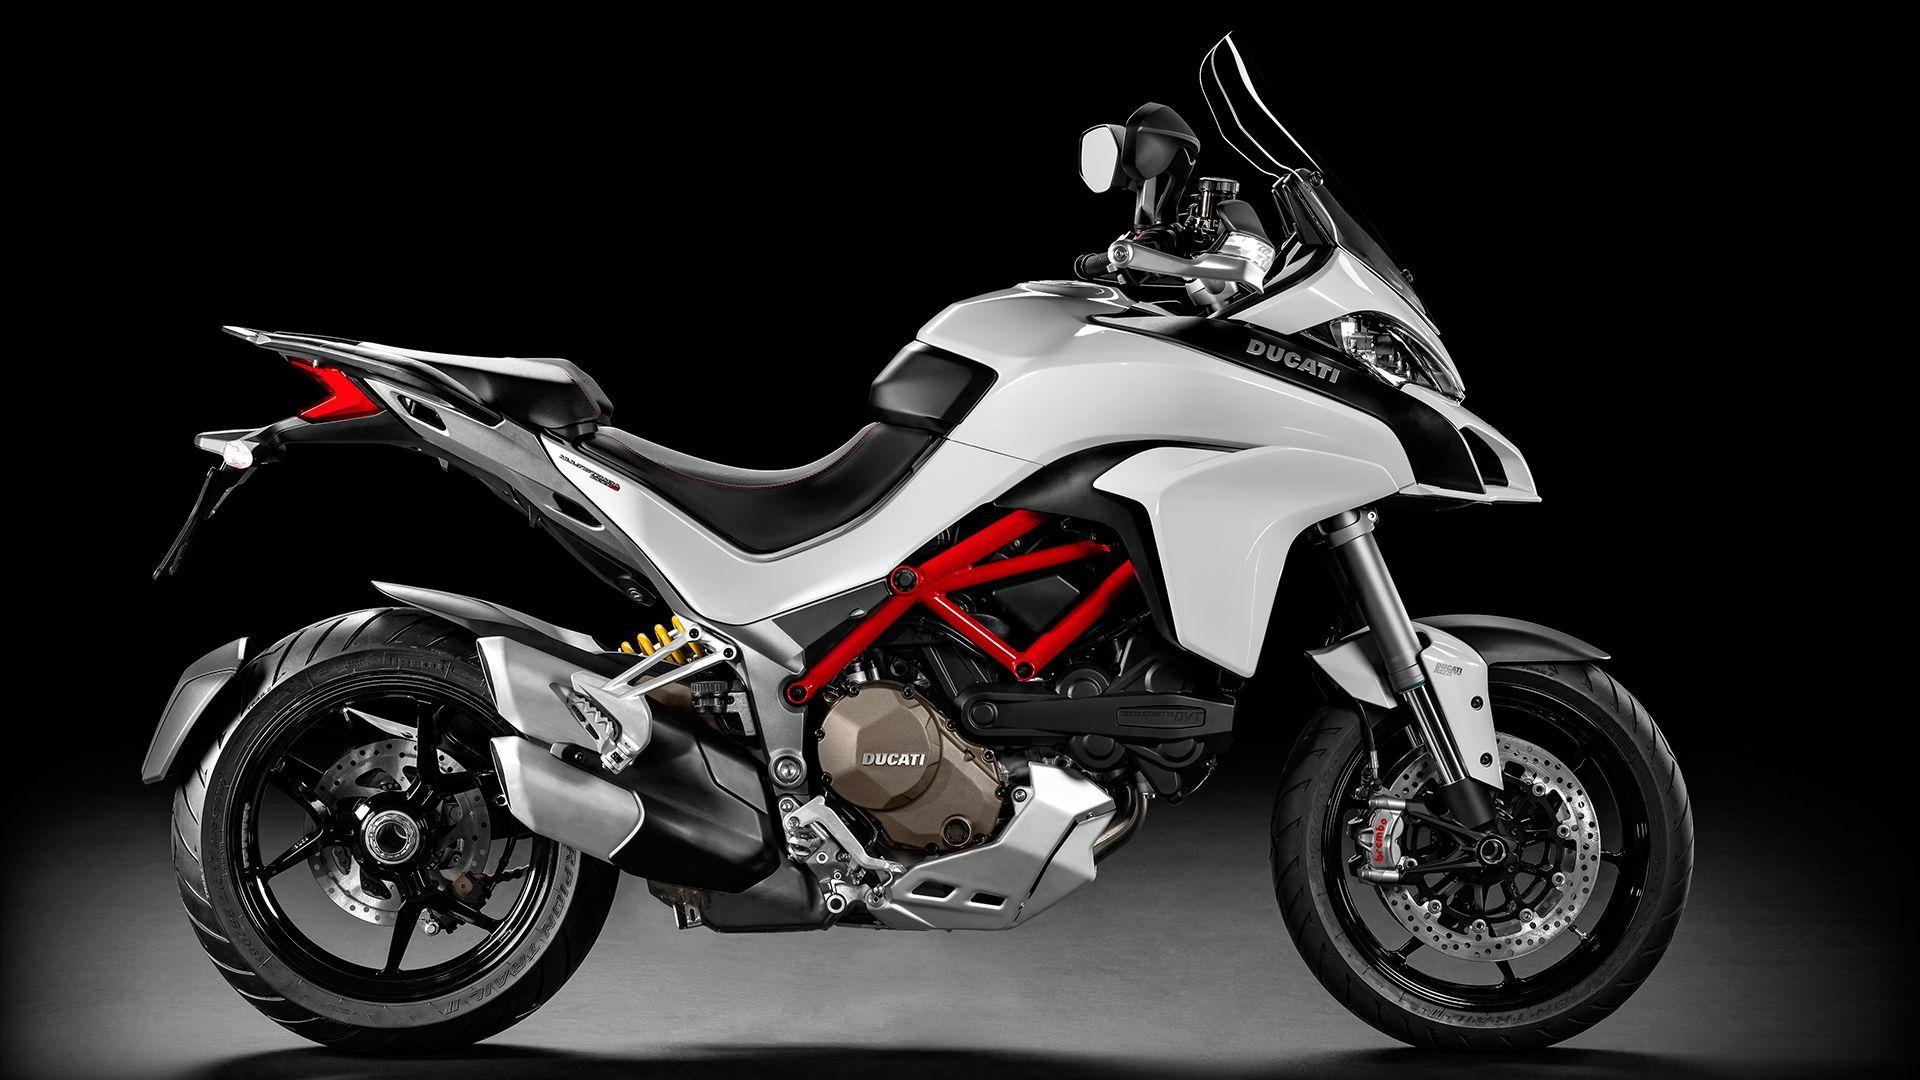 2015 Ducati MULTISTRADA 1200 | Multistrada 1200 S - Right Side View